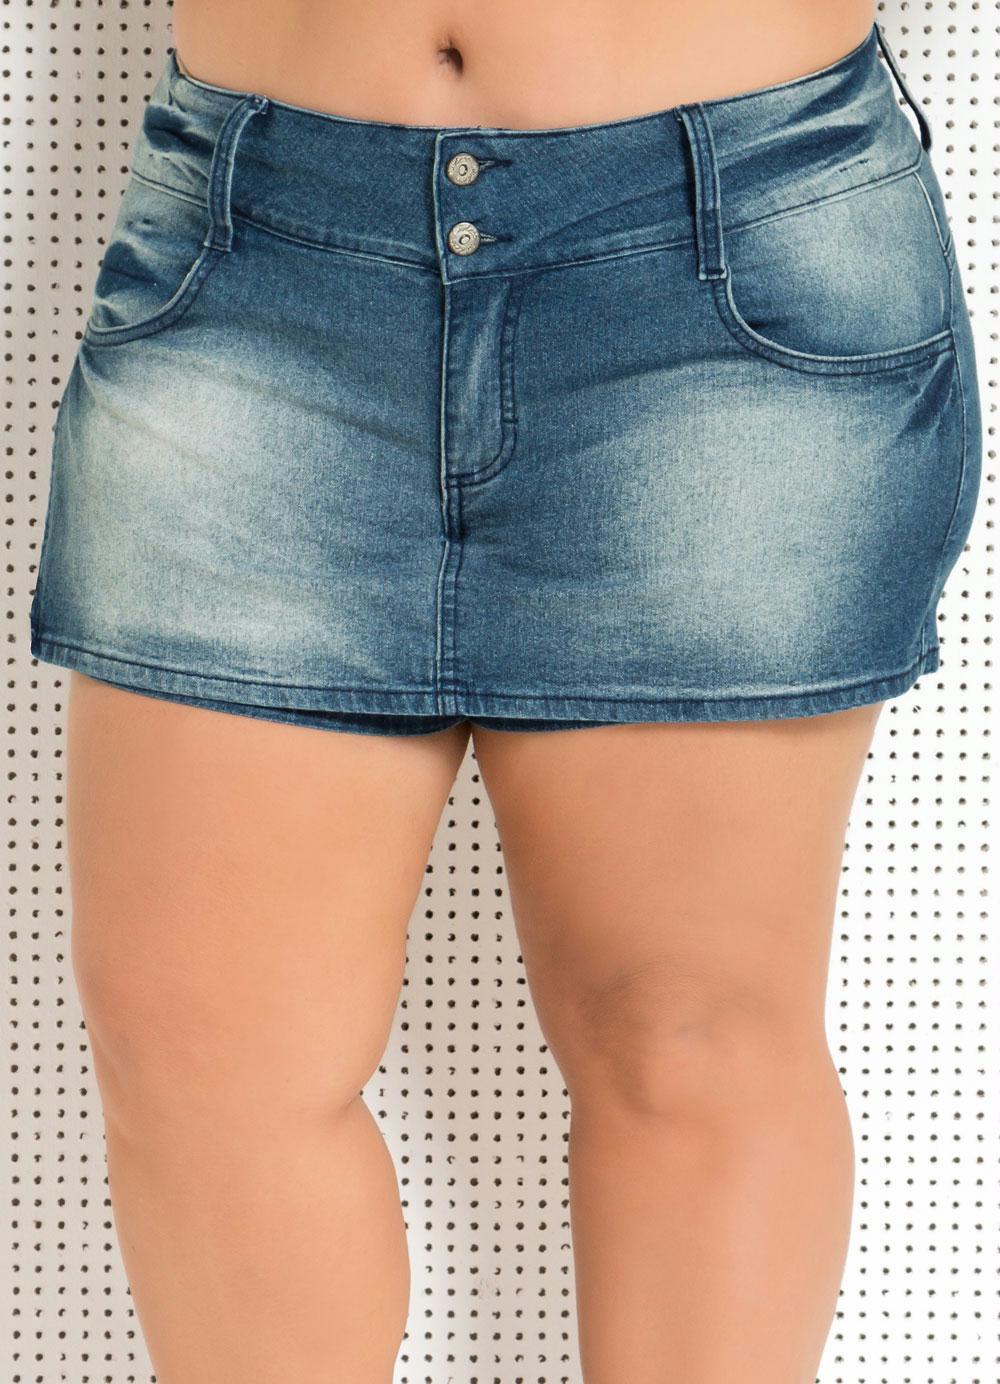 Short Saia Jeans Plus Size - Posthaus